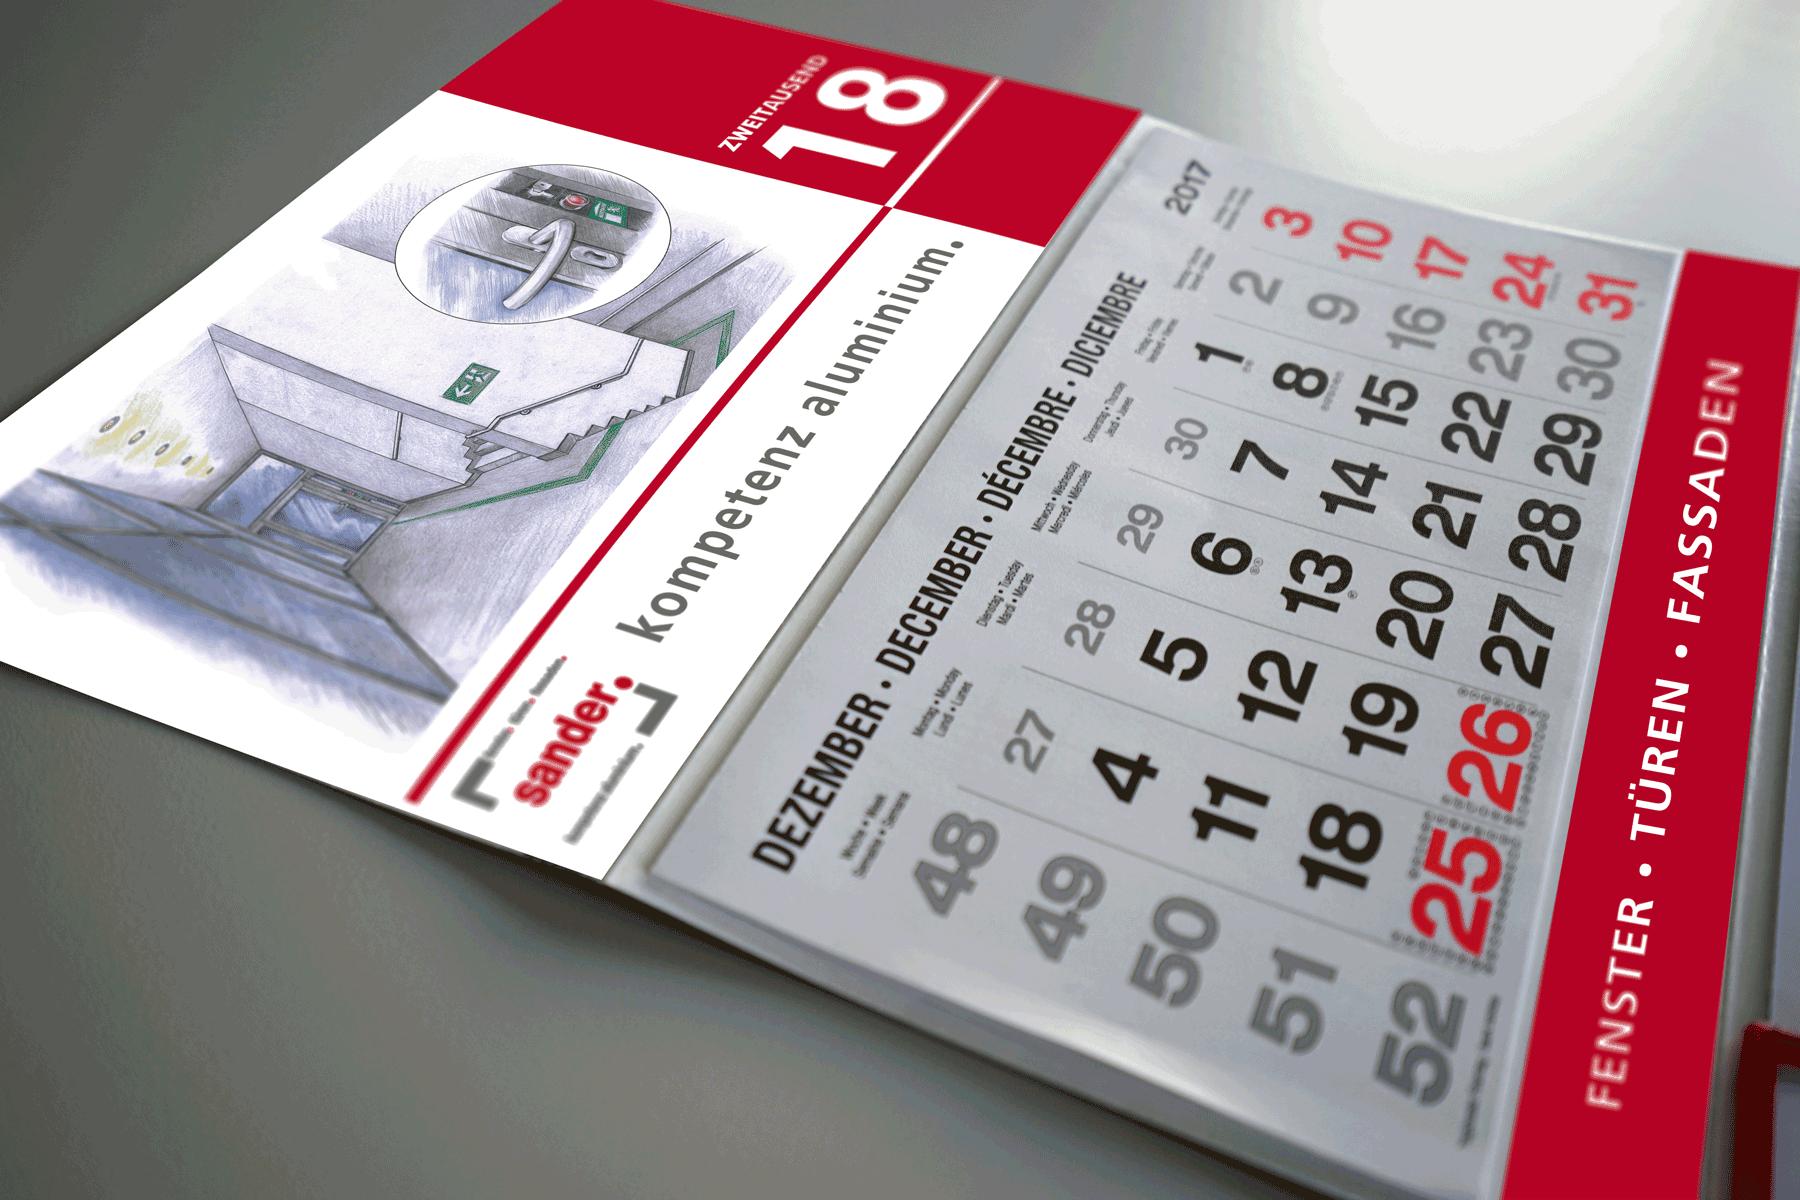 Abbildung von 3-Monatskalender unseres Kunden sander